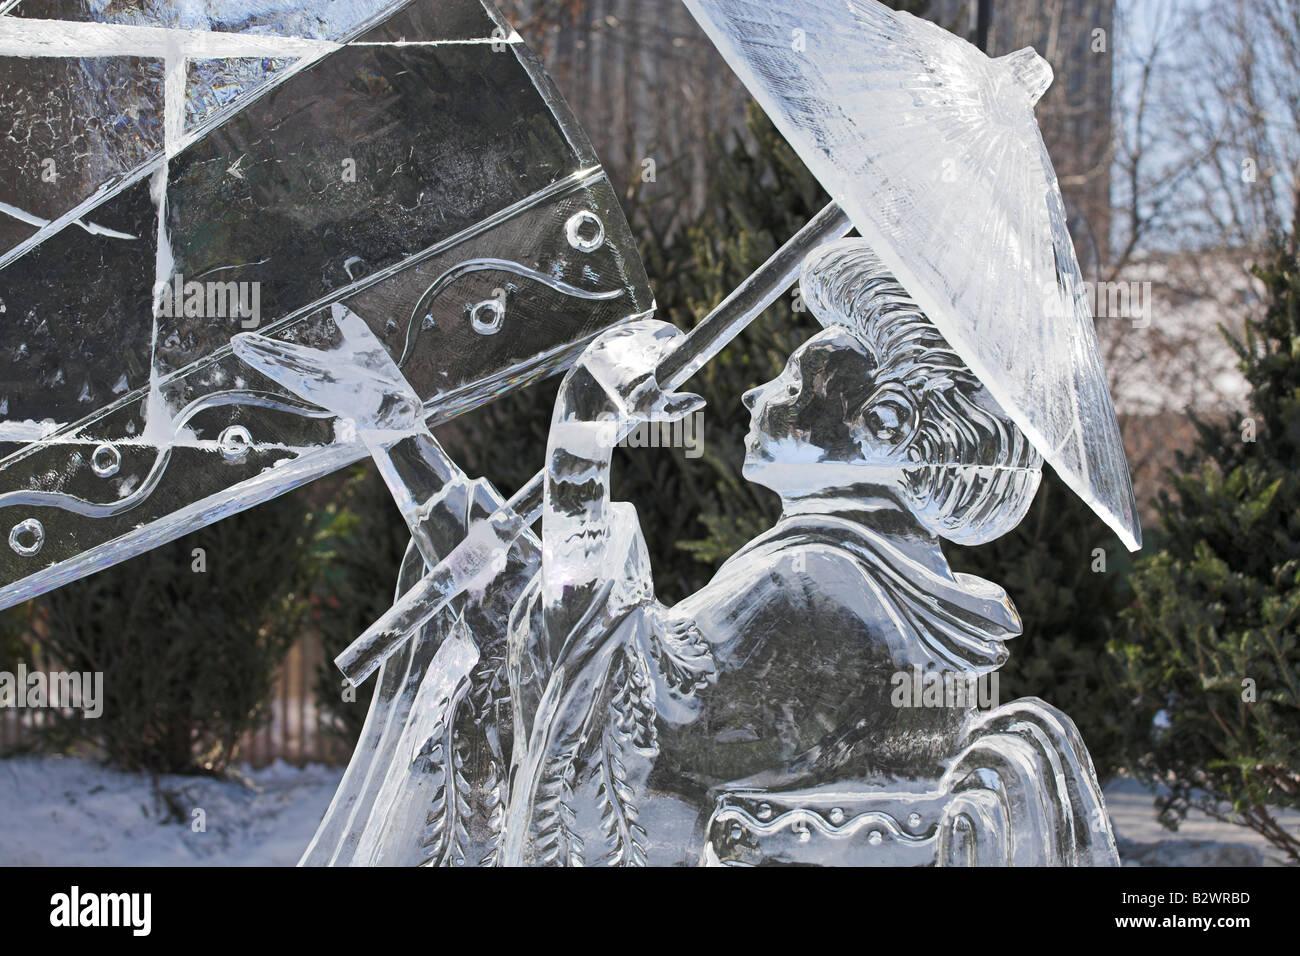 Icy Geisha e Parasol: una scultura di ghiaccio della geisha in fluenti vesti con un ombrellone a Ottawa Winterlude Foto Stock